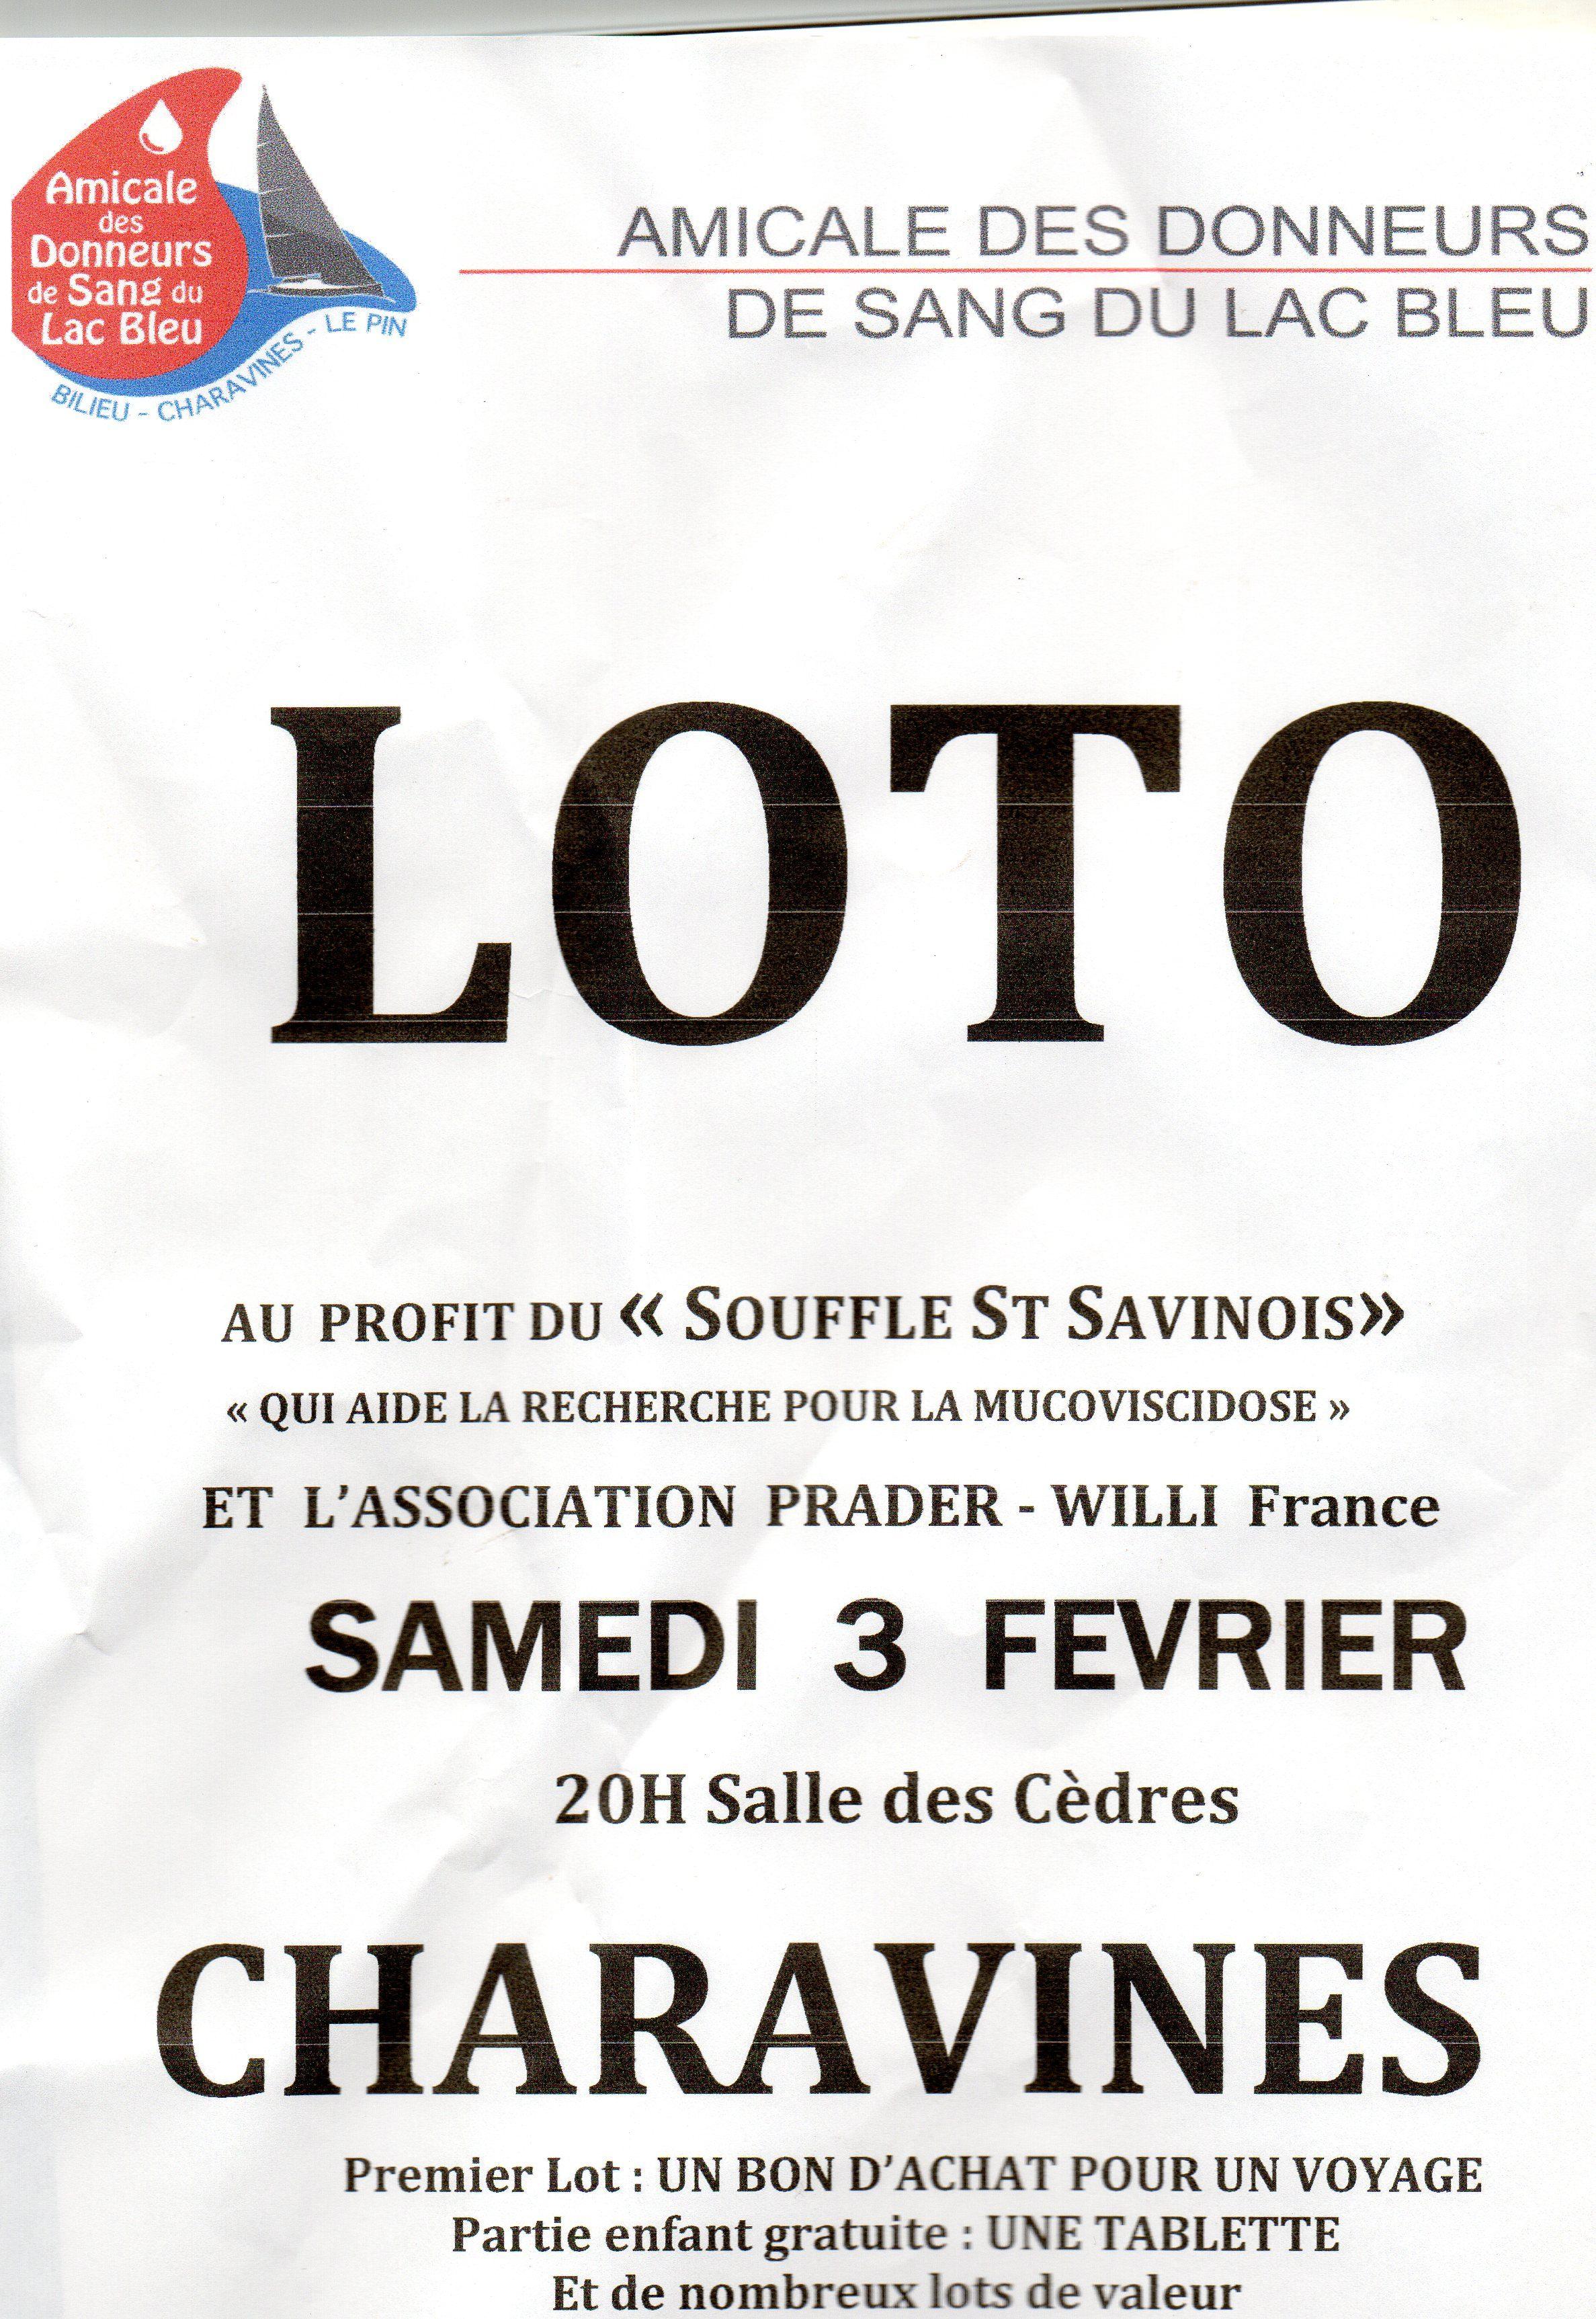 Loto à Charavines (38) le 3 février 2018 au profit de l'association Prader-Willi